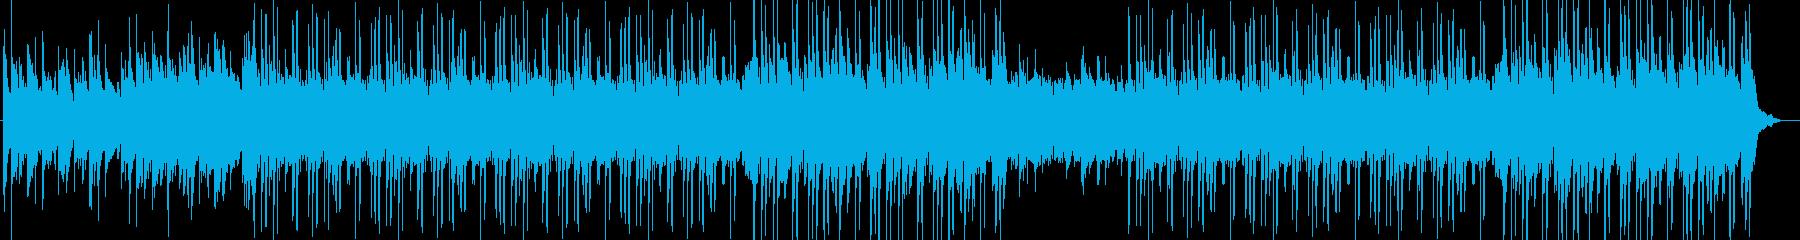 洋楽、チルアウト、ハープR&Bトラック♪の再生済みの波形